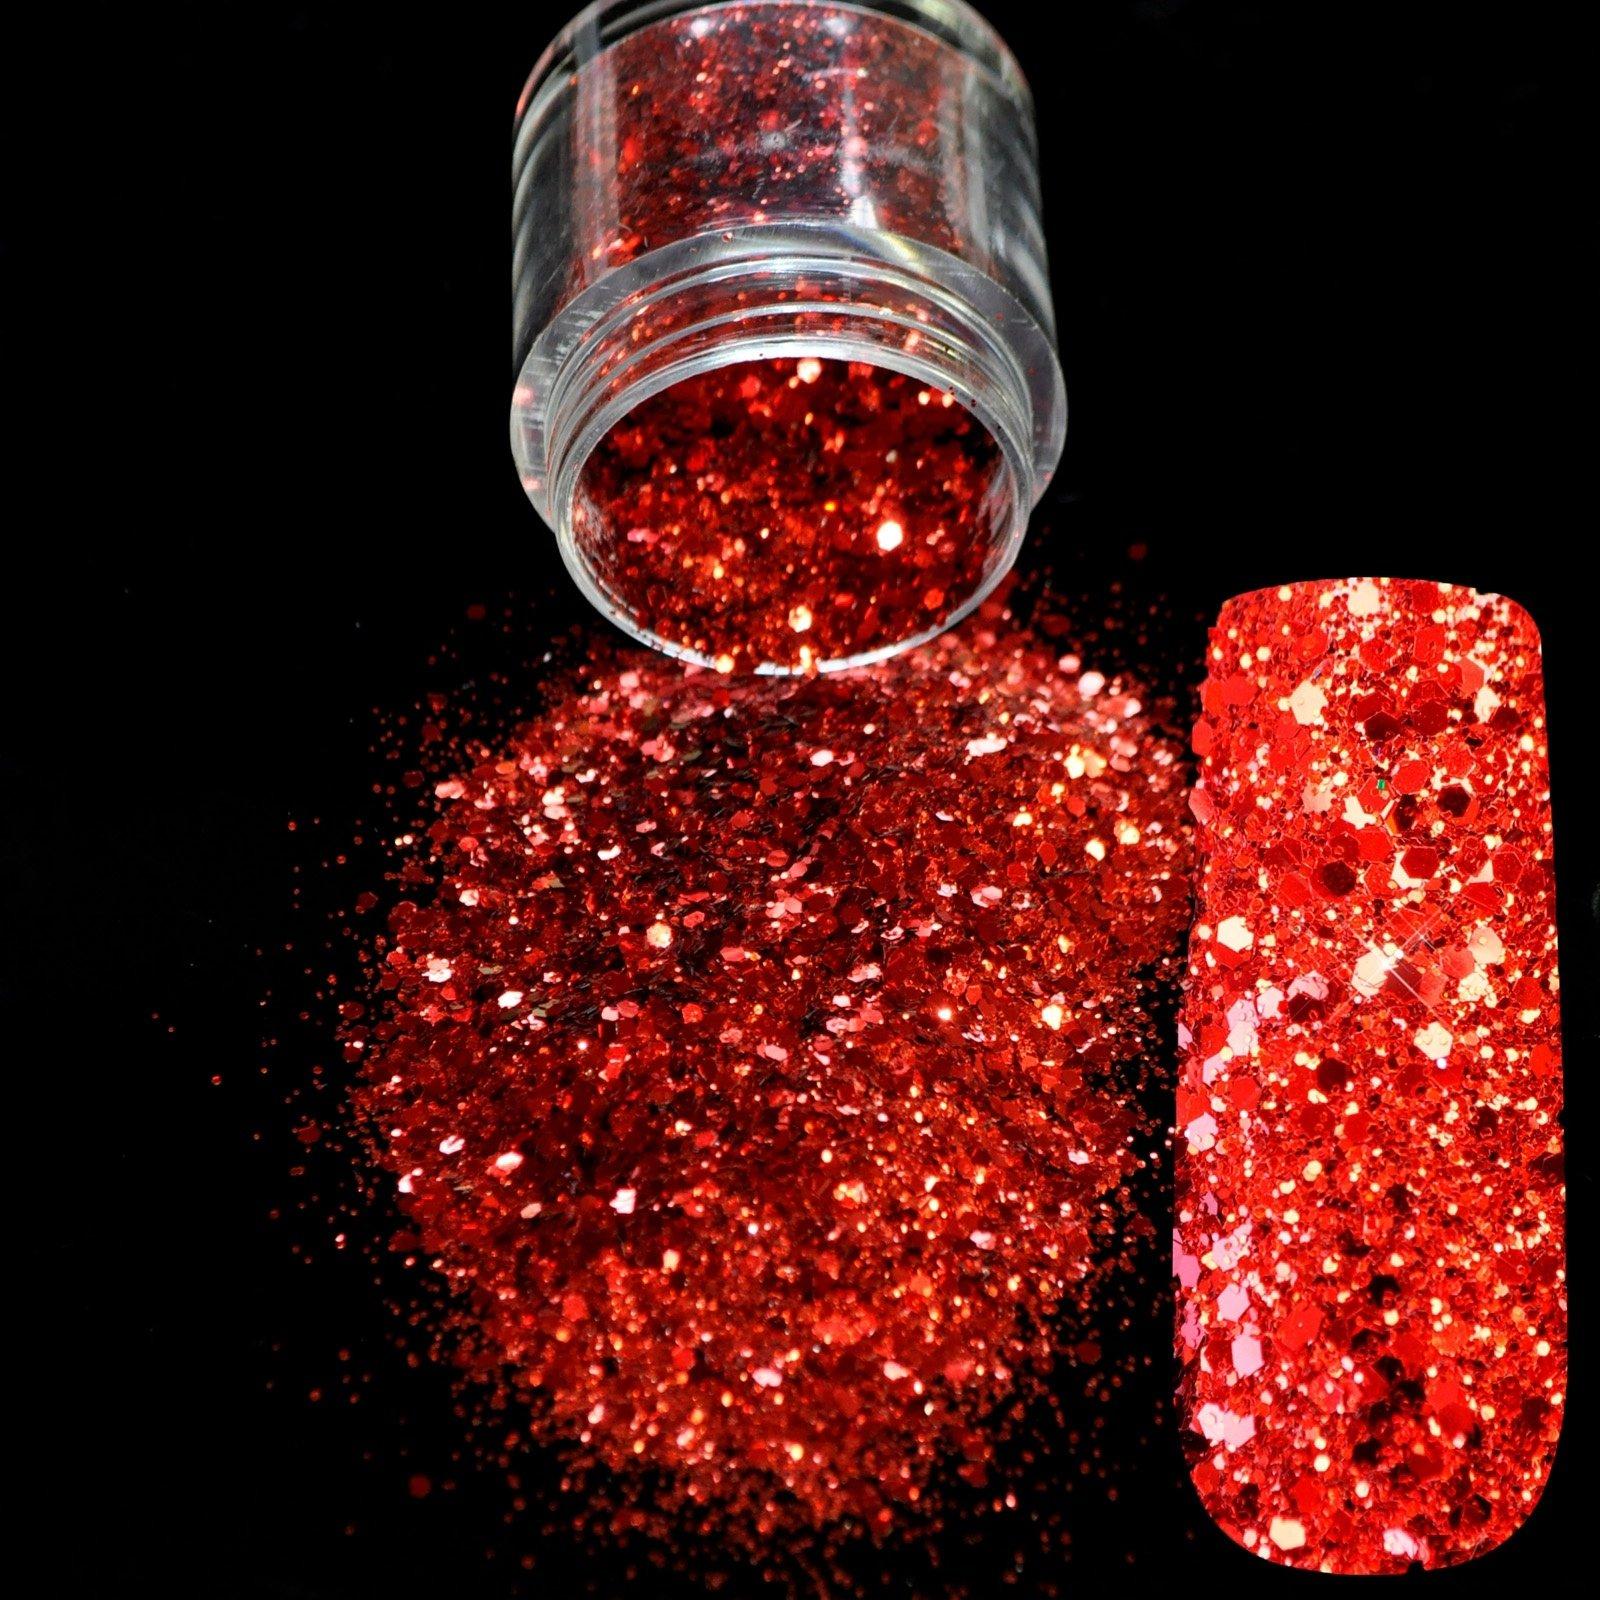 Amazon.com : Snow White Glitter Nail Art Tool DIY Glitter Mix ...